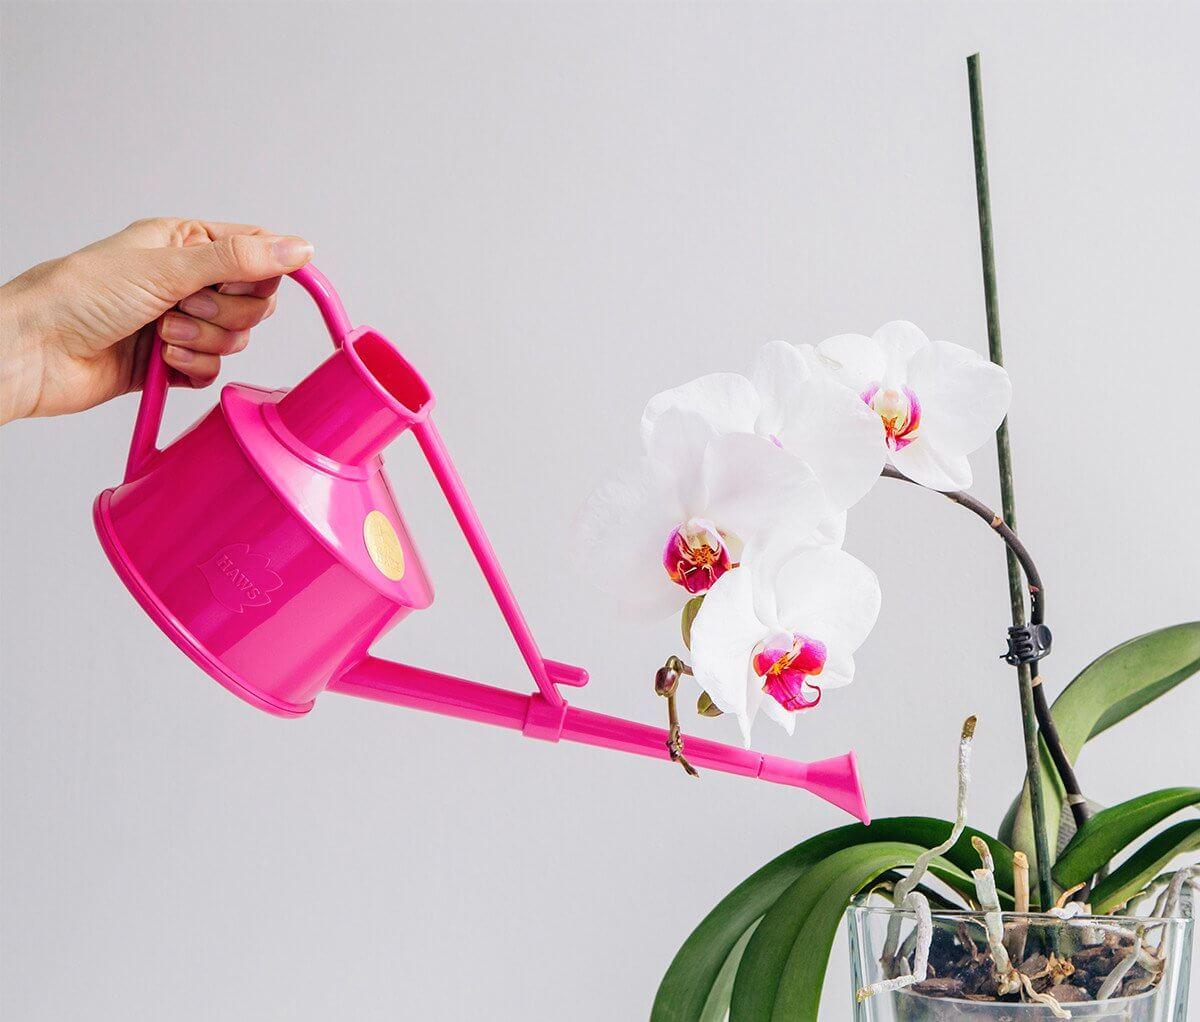 Как правильно поливать орхидеи зимой - особенности ухода в холодный период